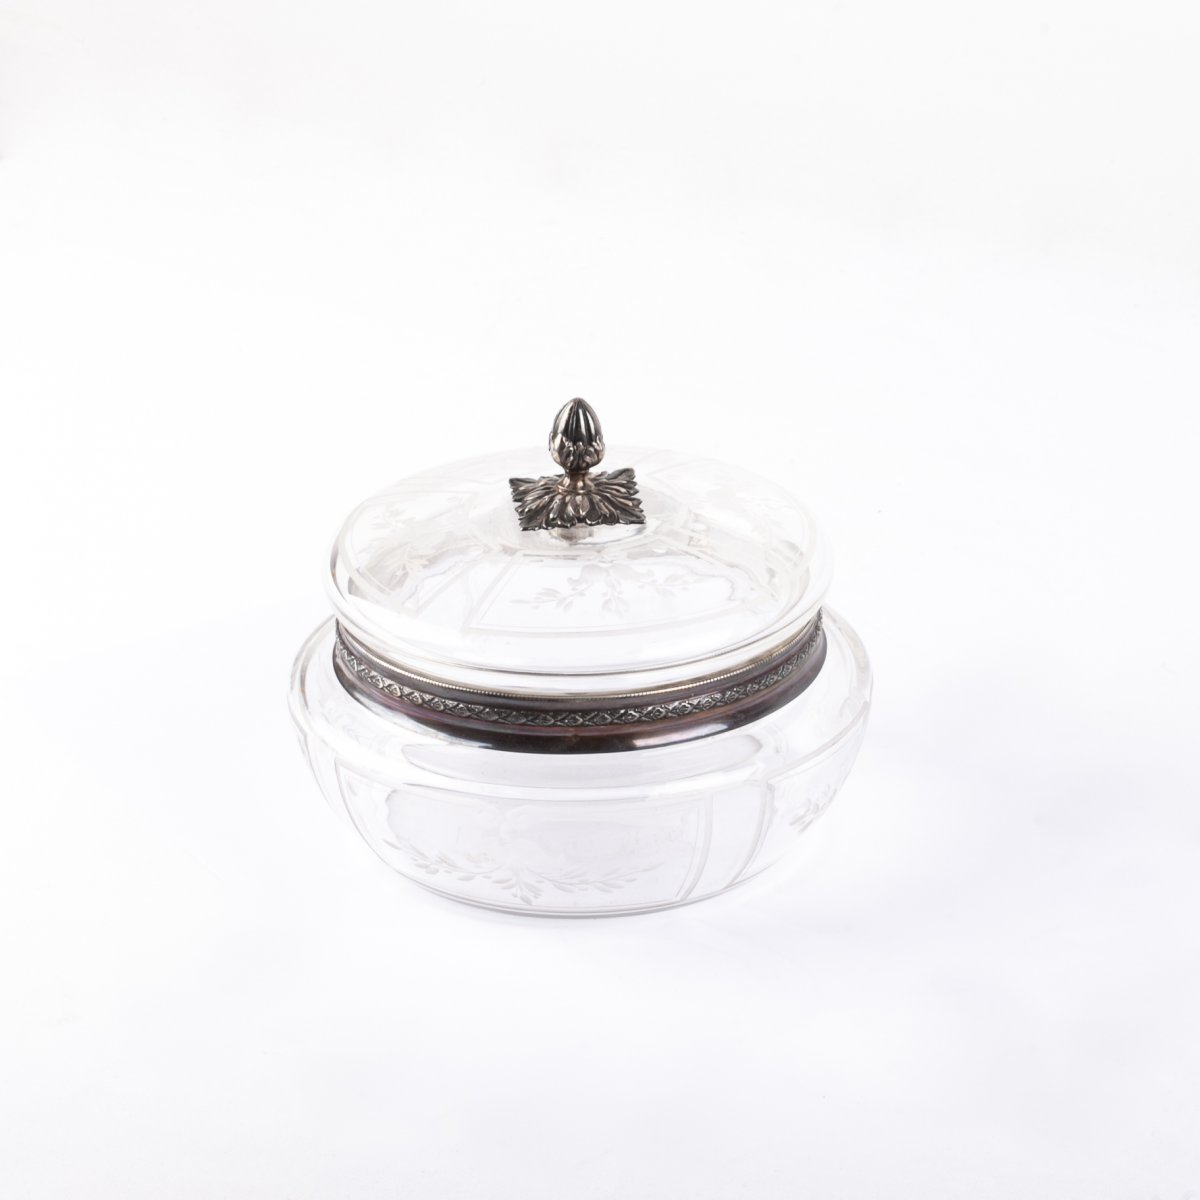 Belle Boîte Bonbonnière en Cristal et Argent Massif